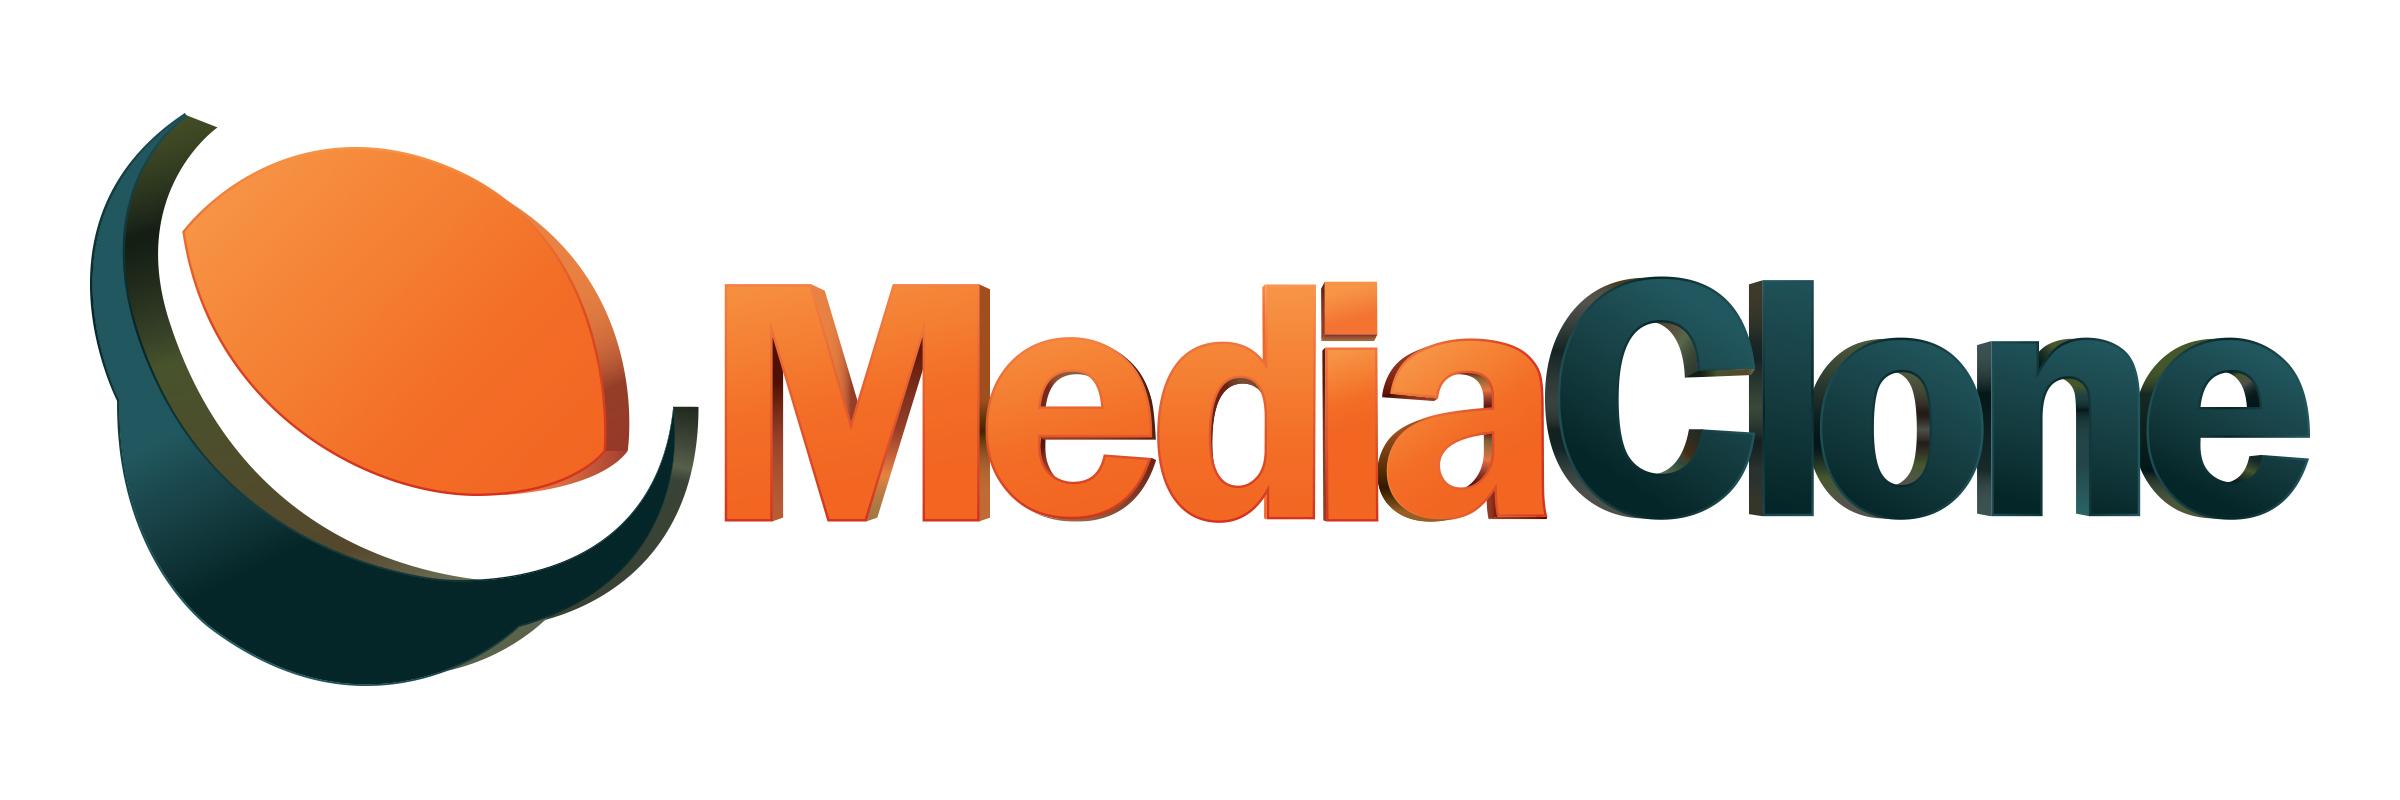 Media_Clone_Final